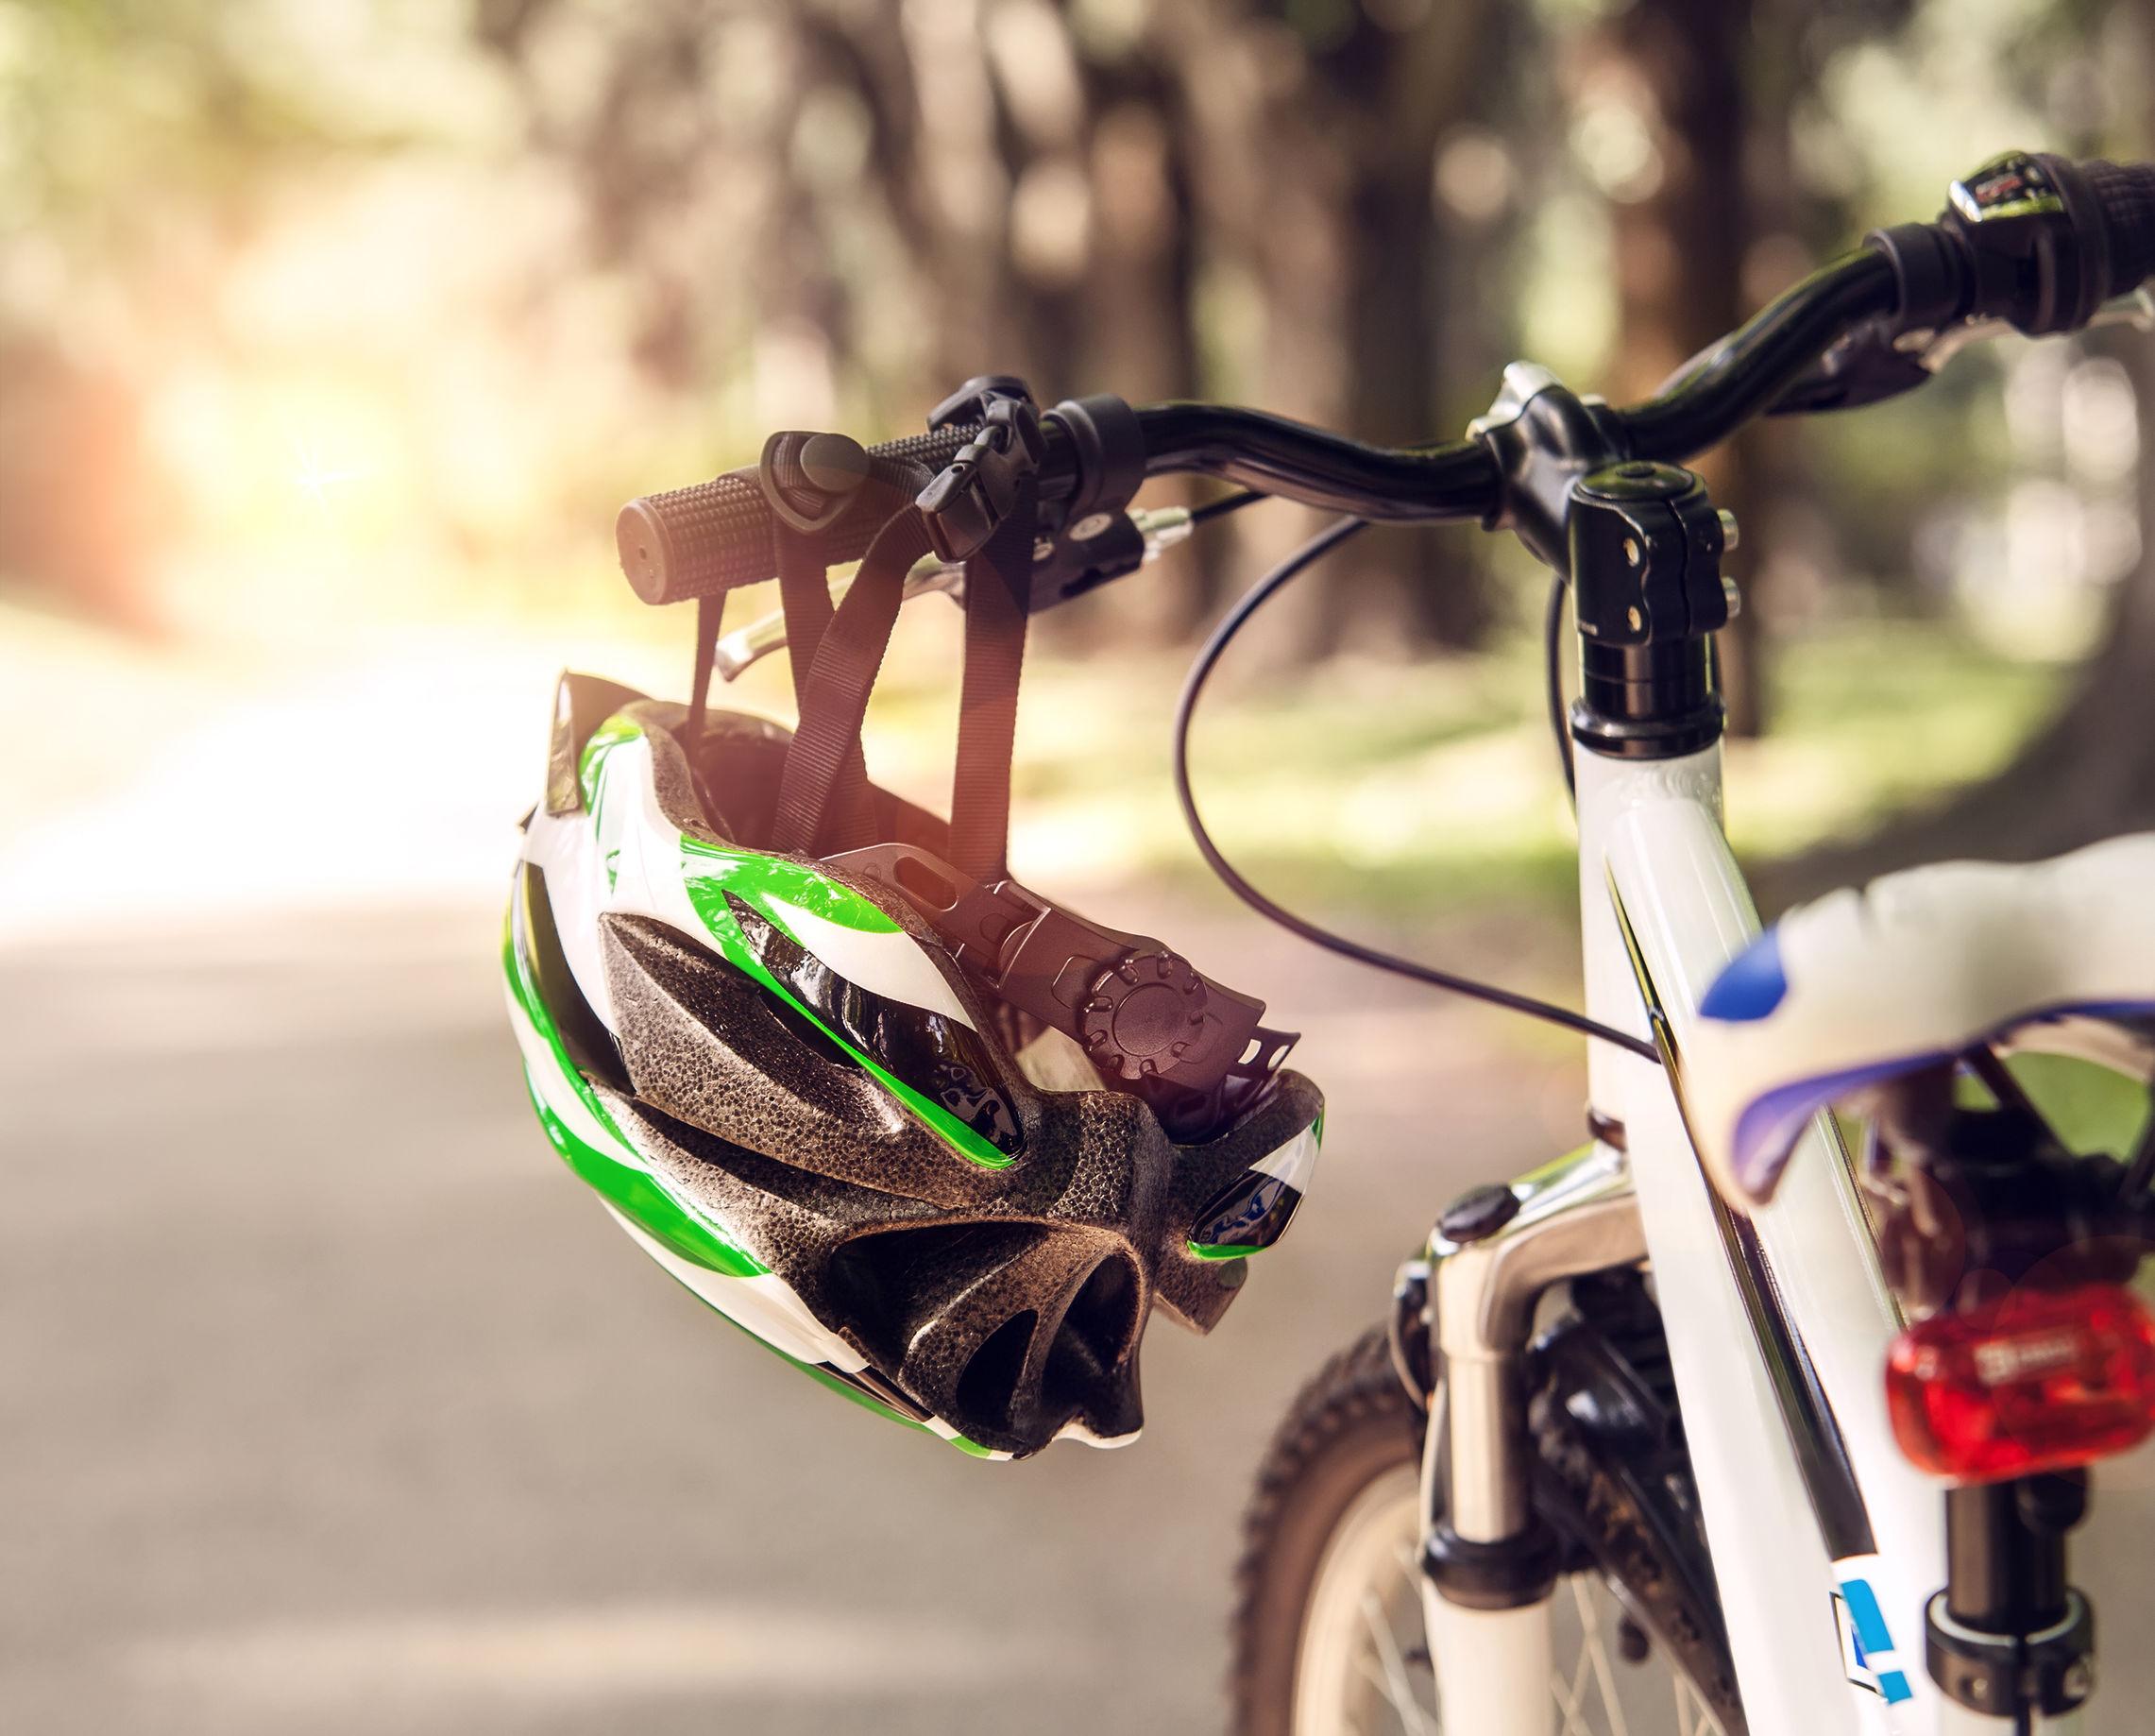 Fahrradhelm mit Licht